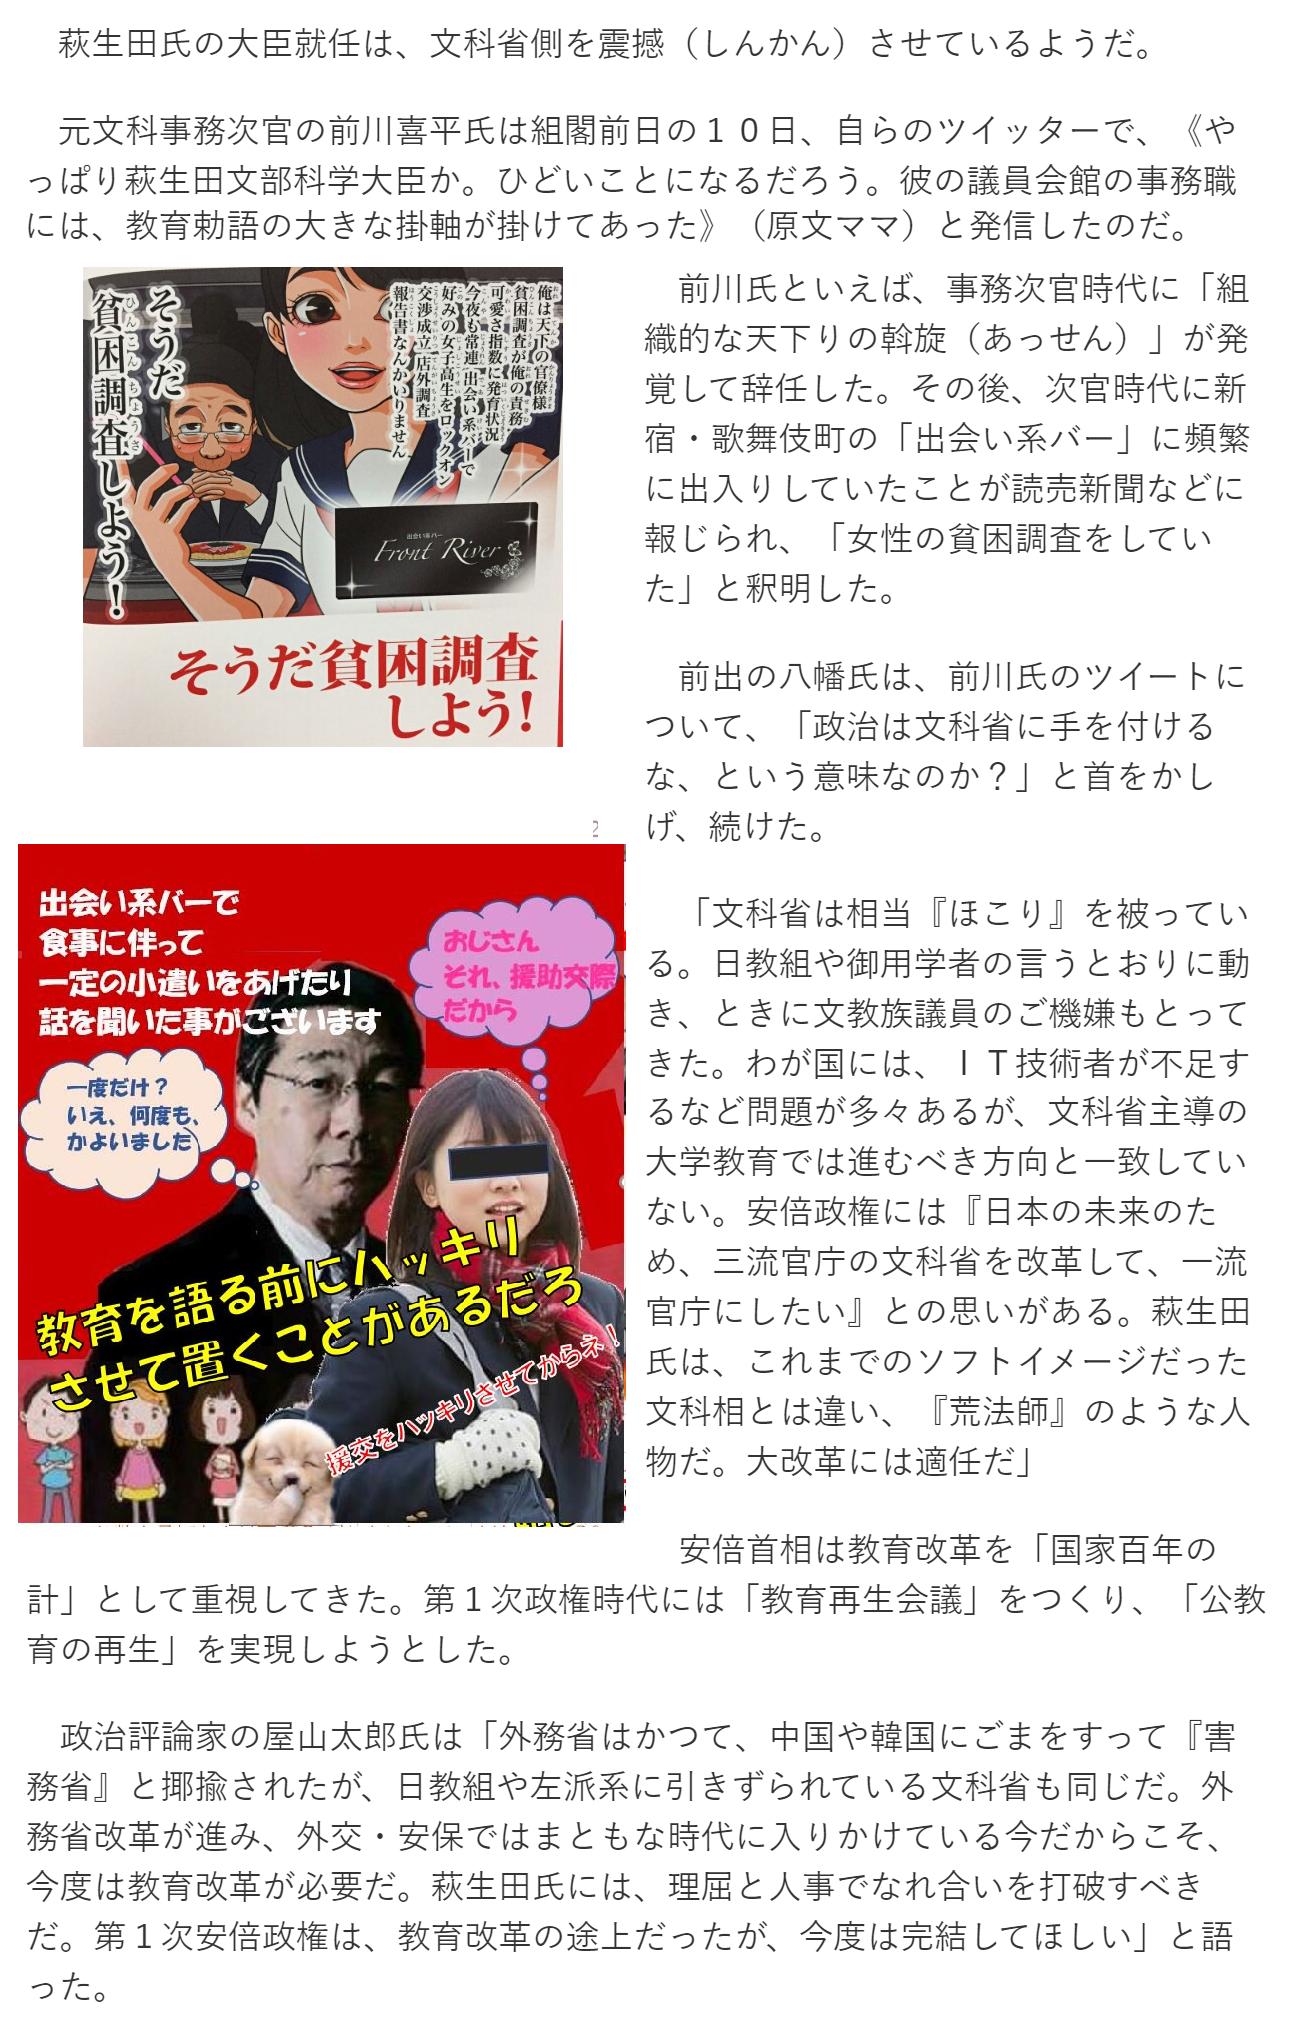 安倍総理、シナ朝鮮の代弁者・売国完了一掃へ布石3